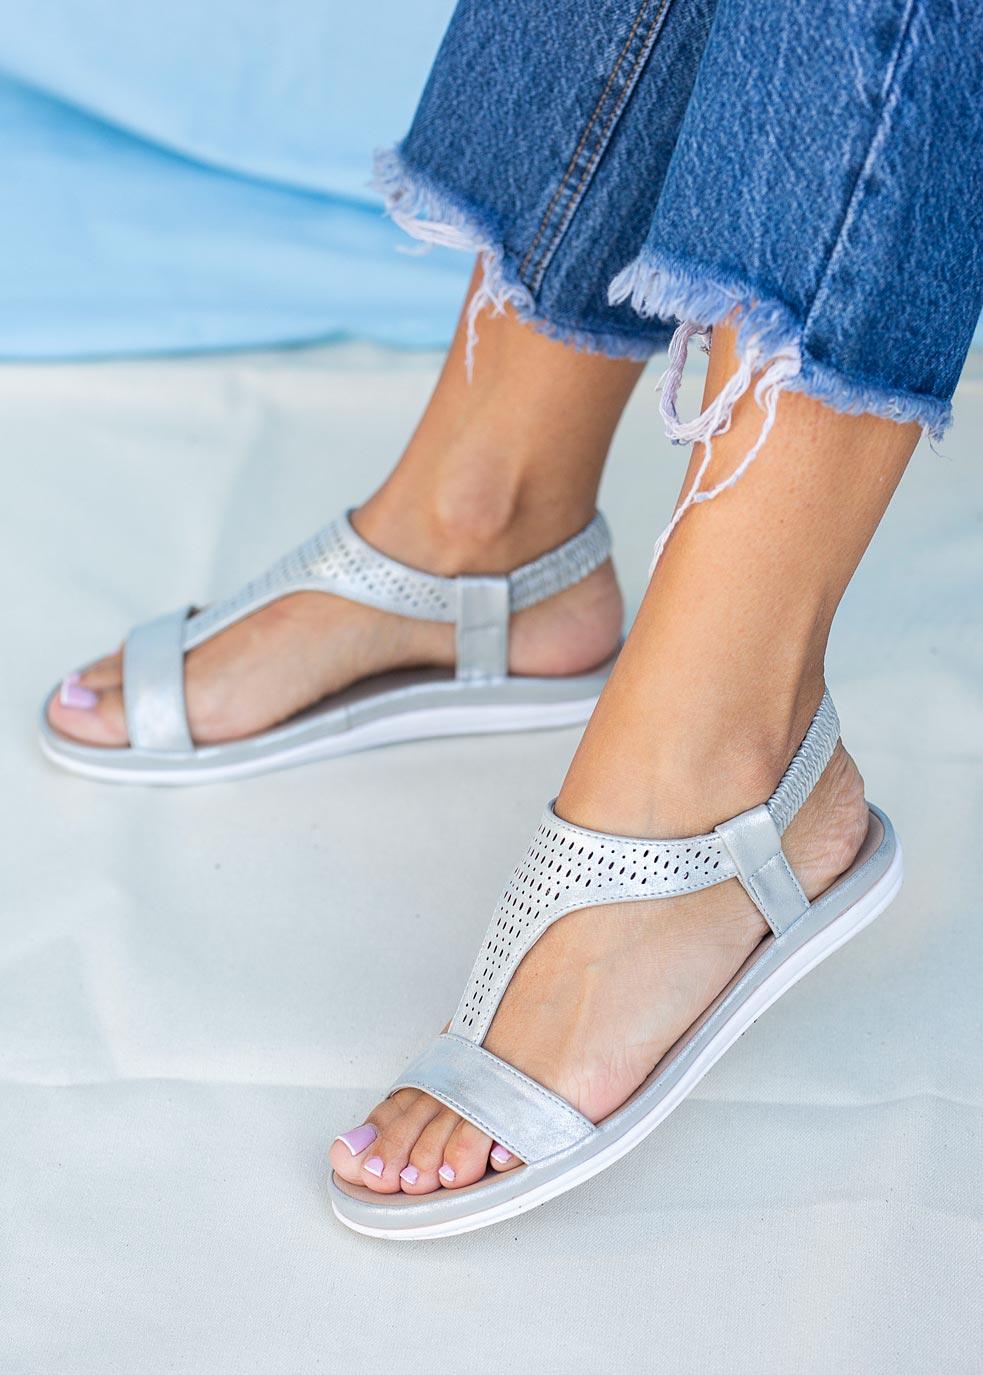 Srebrne sandały ażurowe płaskie z gumką Casu N20X1/S producent Casu